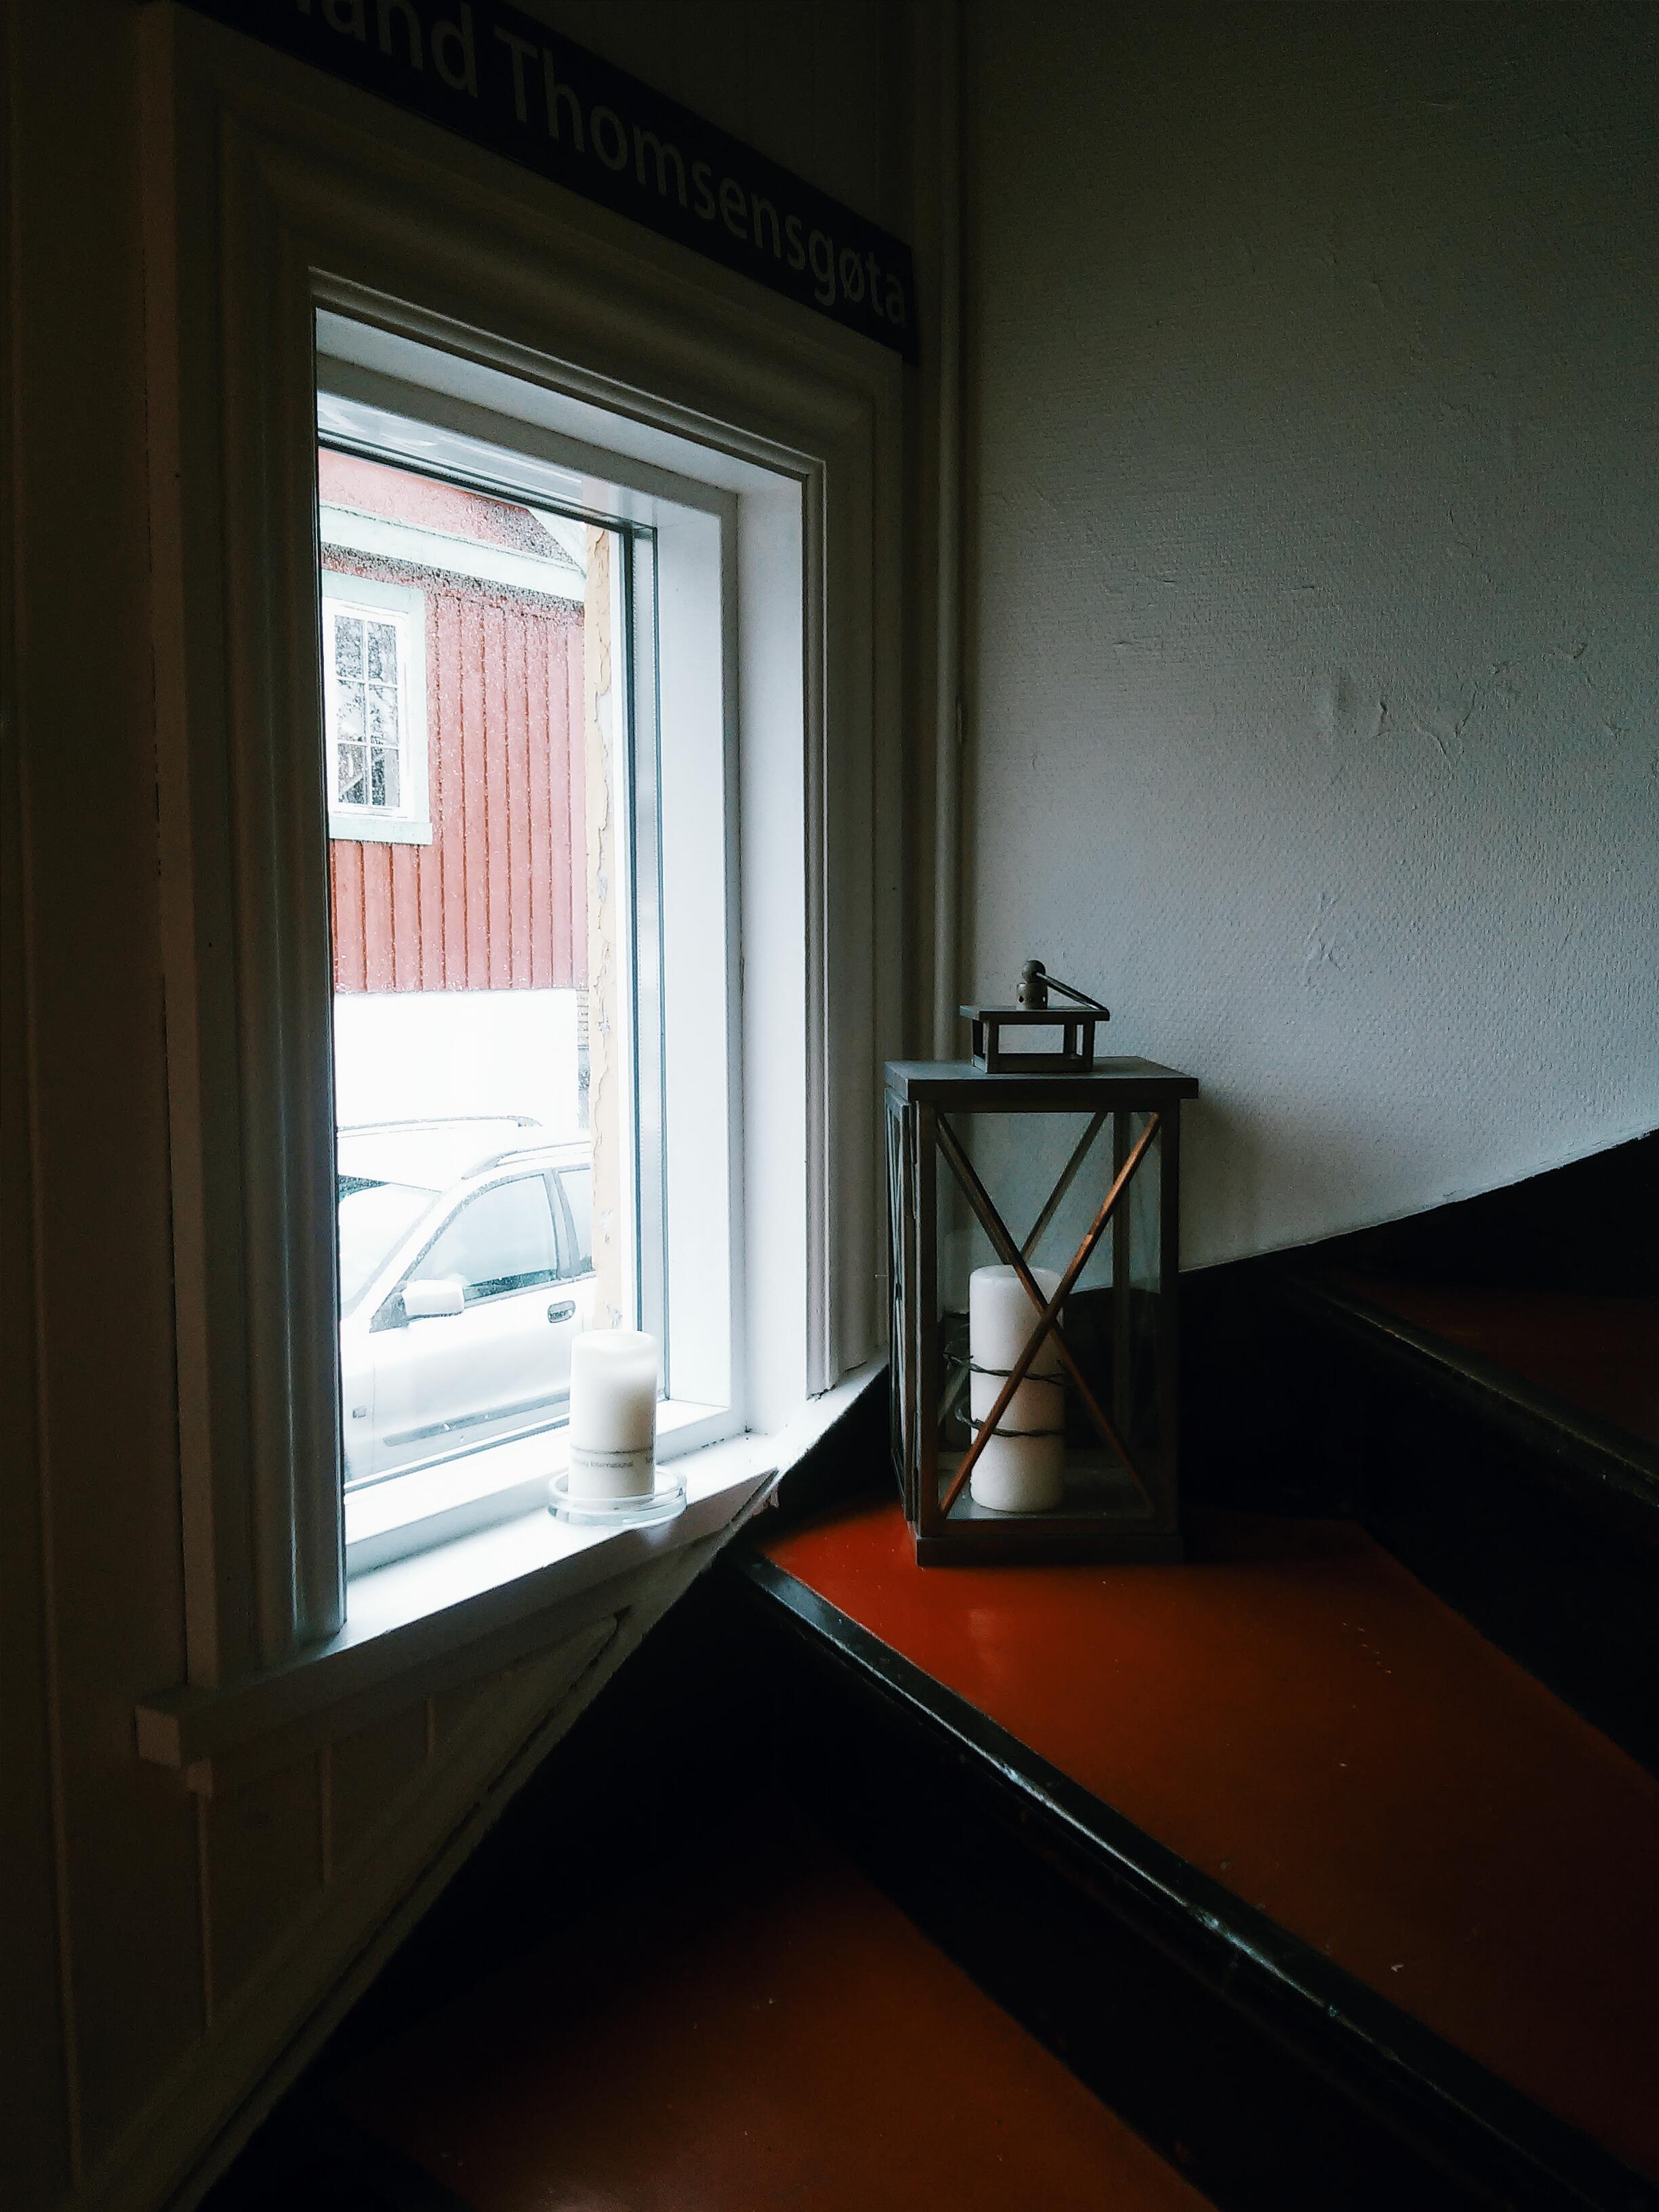 Λεπτομέρεια από το εσωτερικό ενός σπιτιού στην Τόρσαβν